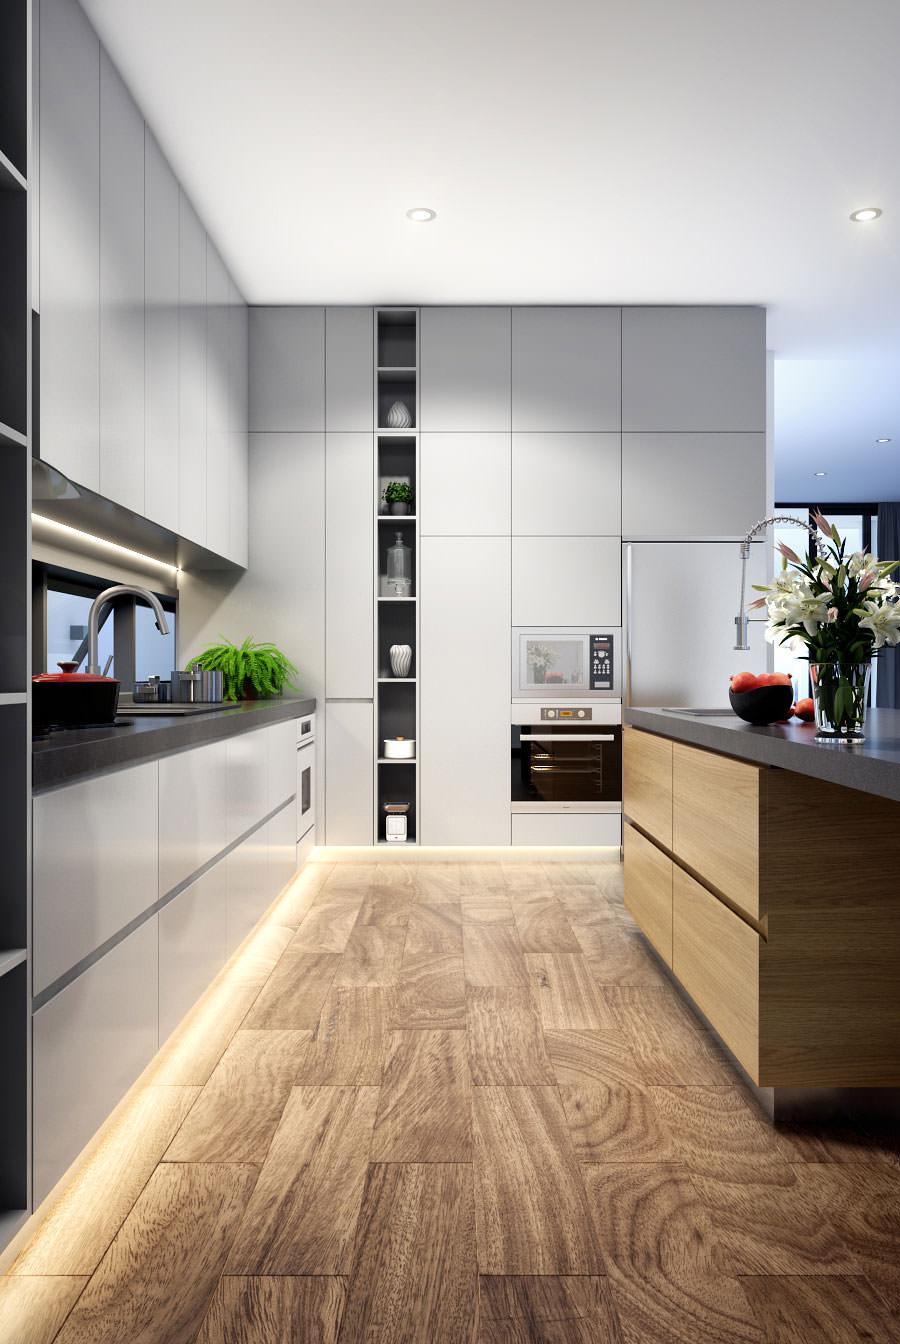 Immagini Cucine Moderne Bianche.100 Idee Cucine Moderne In Legno Bianche Nere Colorate Idee